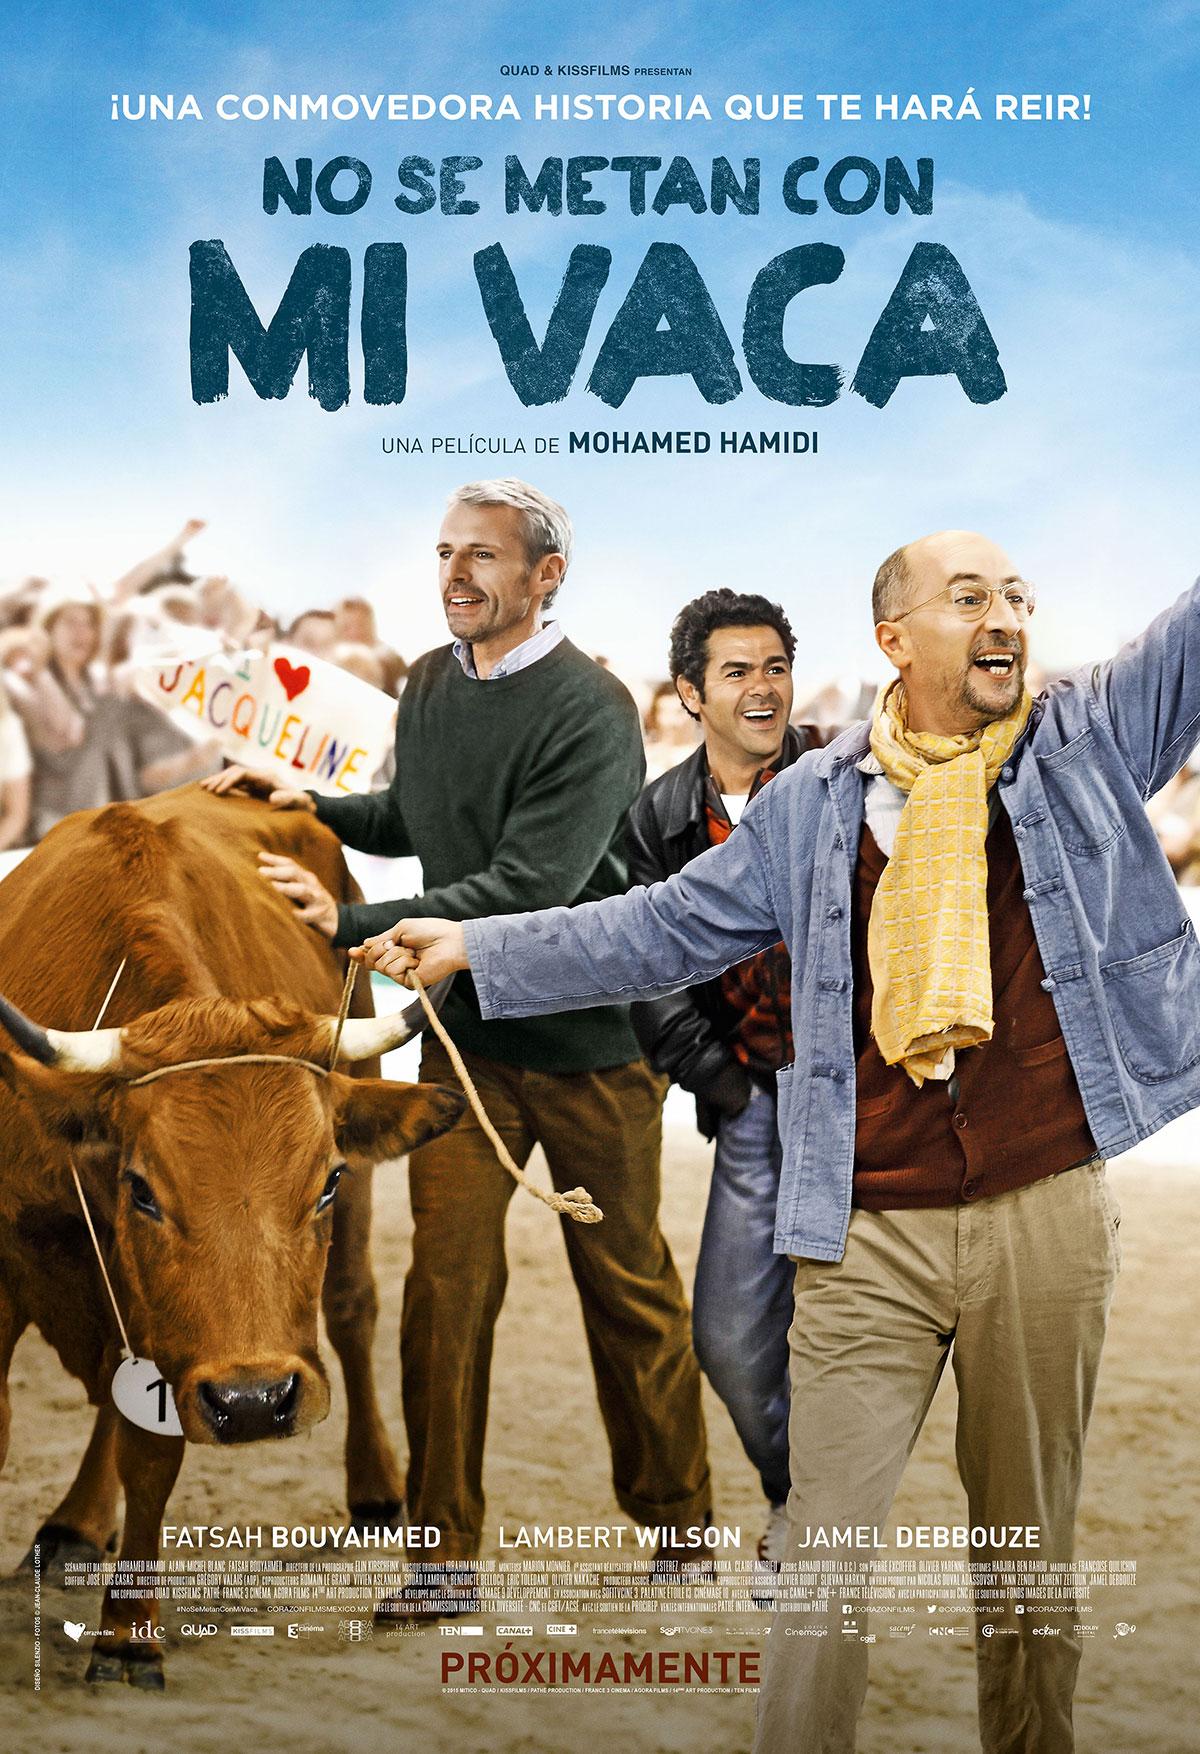 REVIEW: No se metan con mi vaca